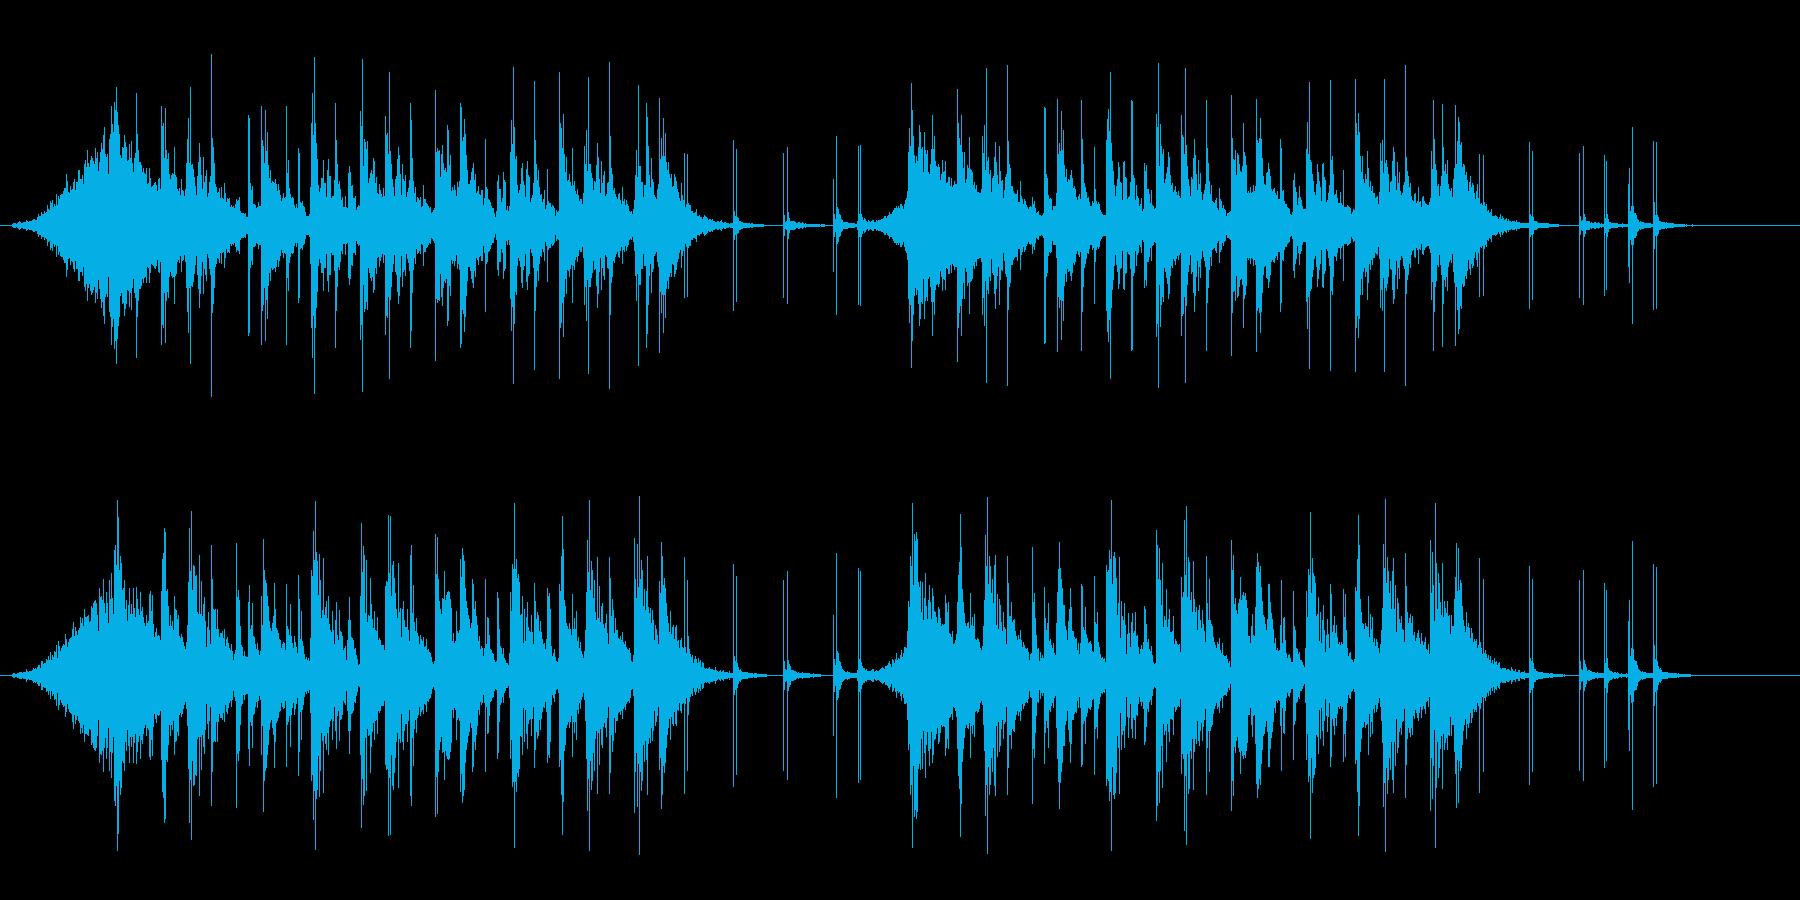 勢いのあるタイポグラフィ向けリズムロゴの再生済みの波形